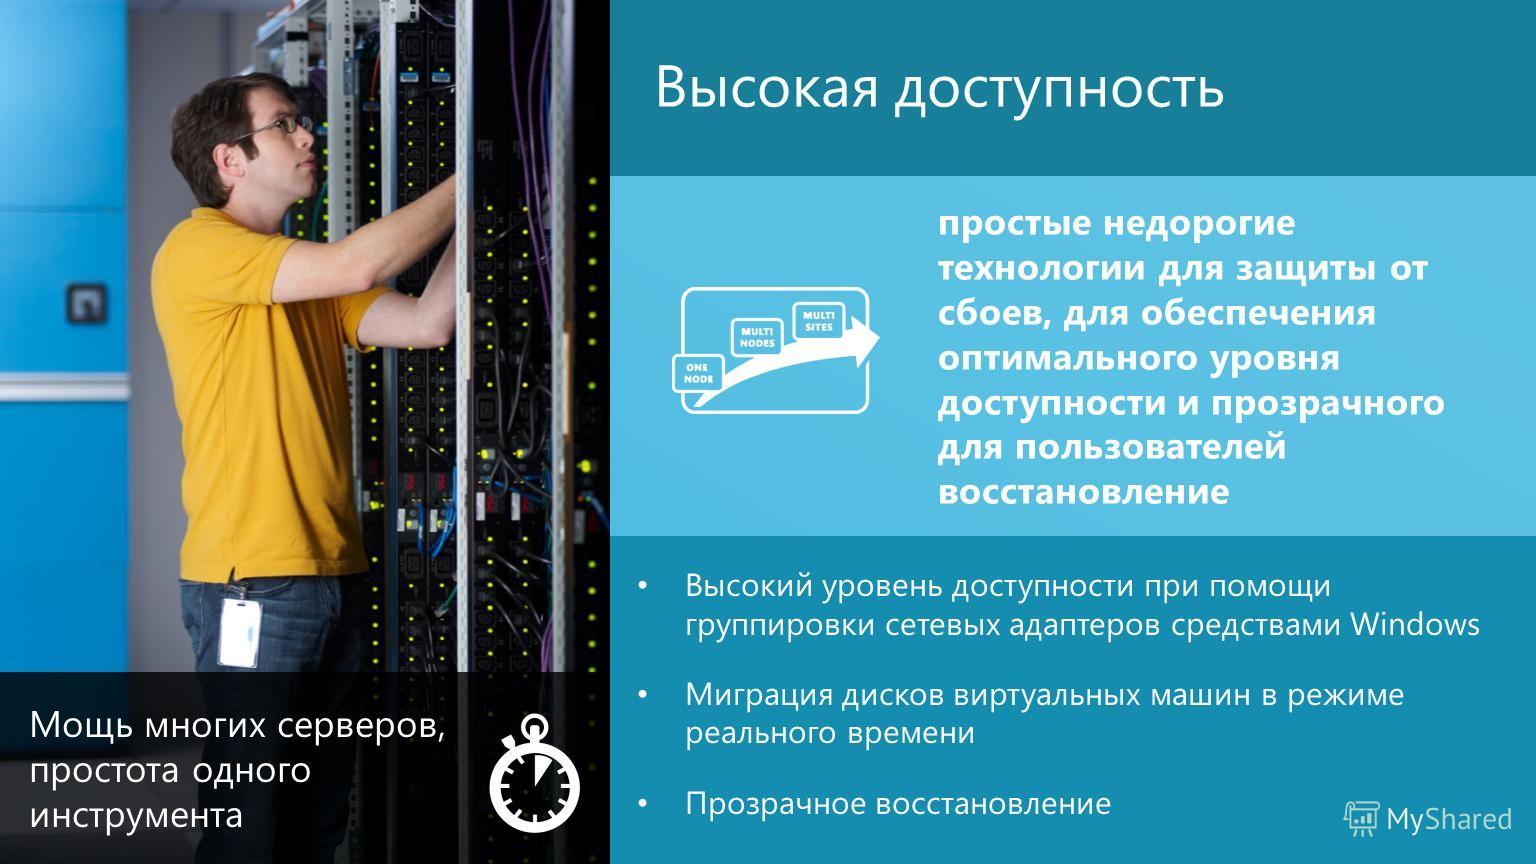 11 Высокий уровень доступности при помощи группировки сетевых адаптеров средствами Windows Миграция дисков виртуальных машин в режиме реального времени Прозрачное восстановление Высокая доступность простые недорогие технологии для защиты от сбоев, дл